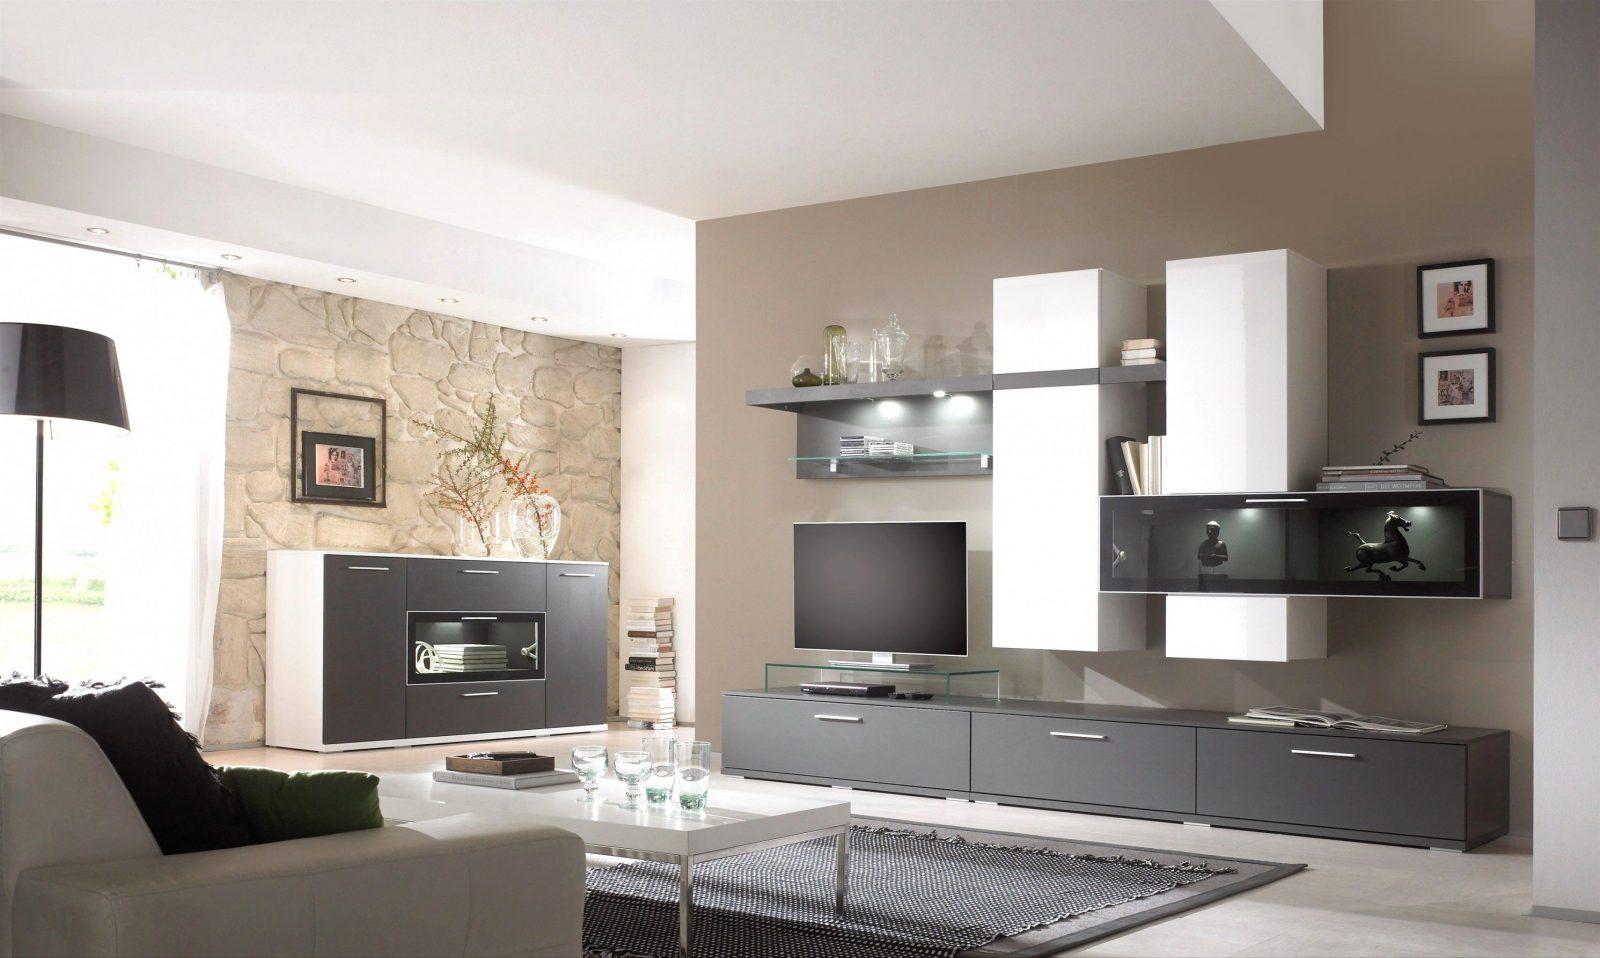 Gebäude Wohnzimmer Farblich Gestalten Mit Absicht Zum Gepolsterte On von Wohnzimmer Wände Farblich Gestalten Bild